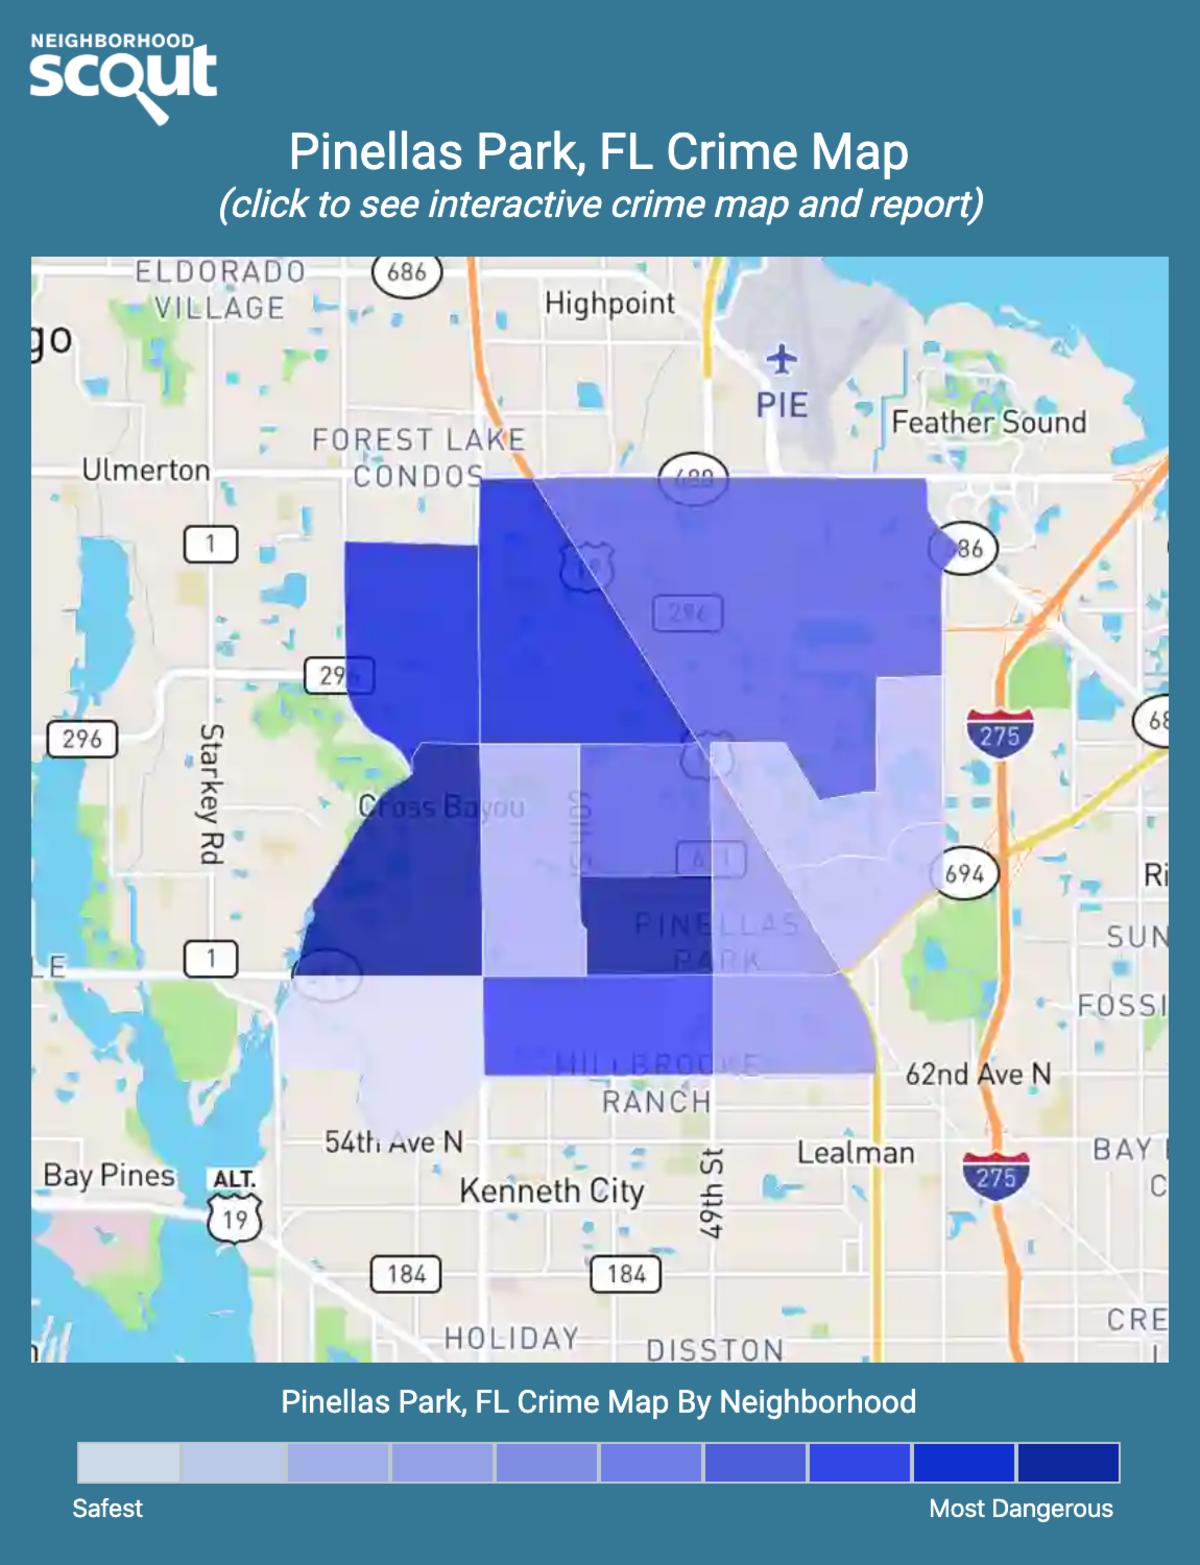 Pinellas Park, Florida crime map